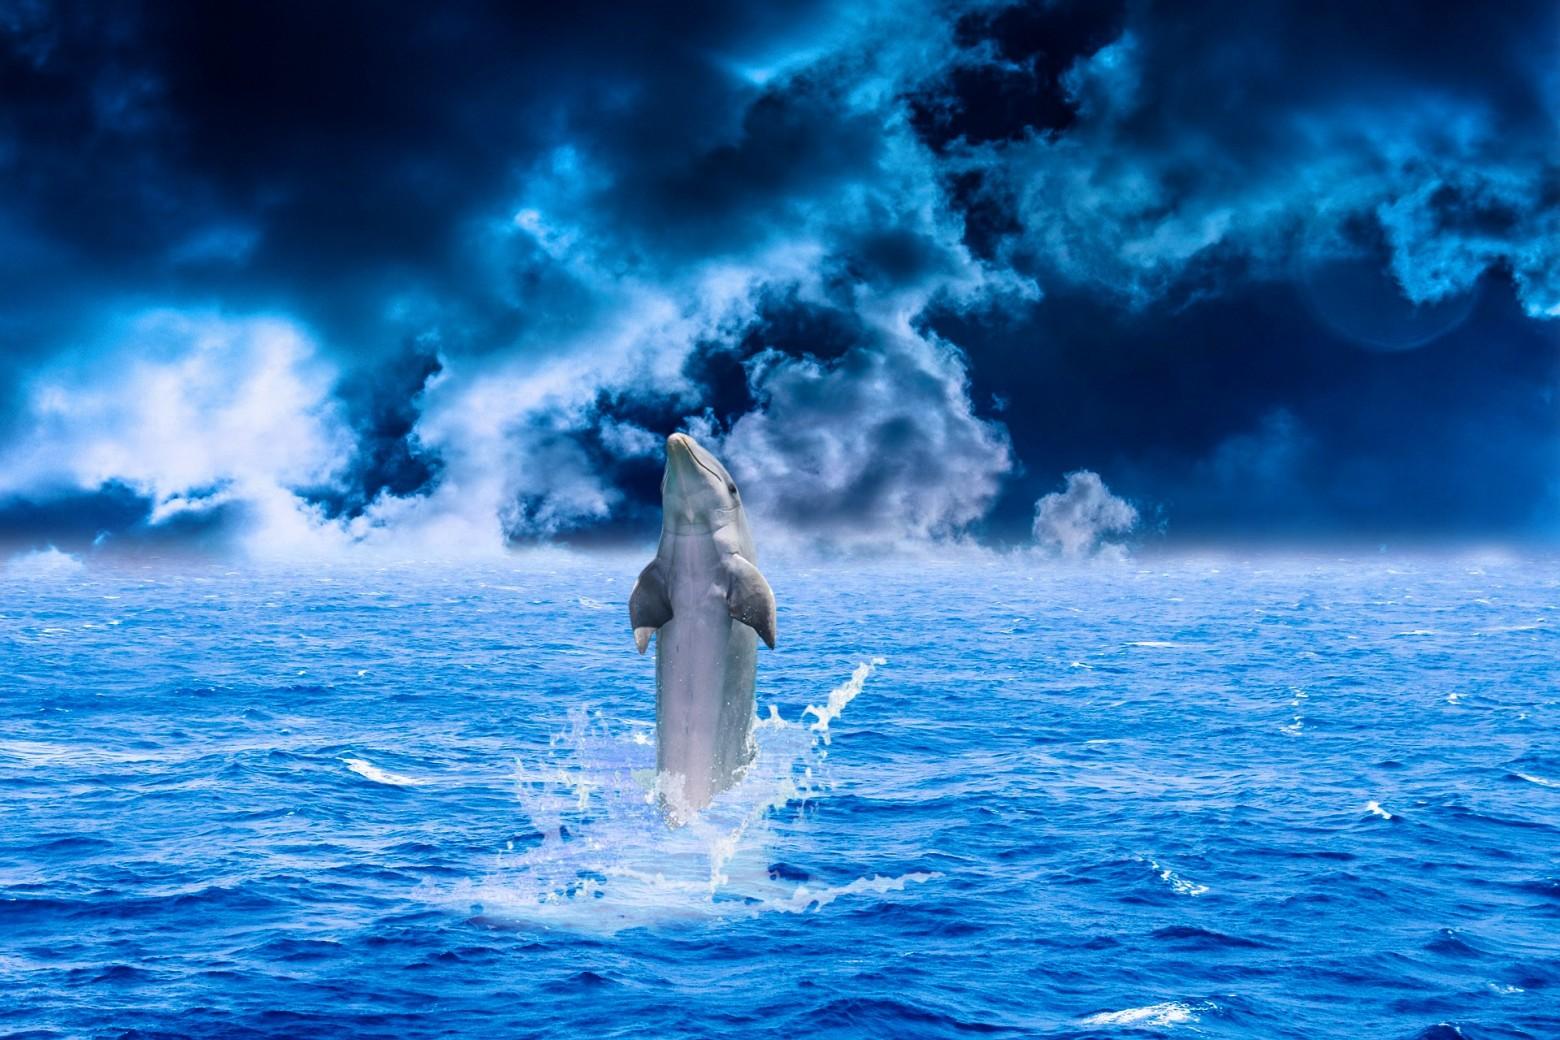 Fond d cran dauphin fond bleu mer oc an images gratuites for Images gratuites fond ecran mer